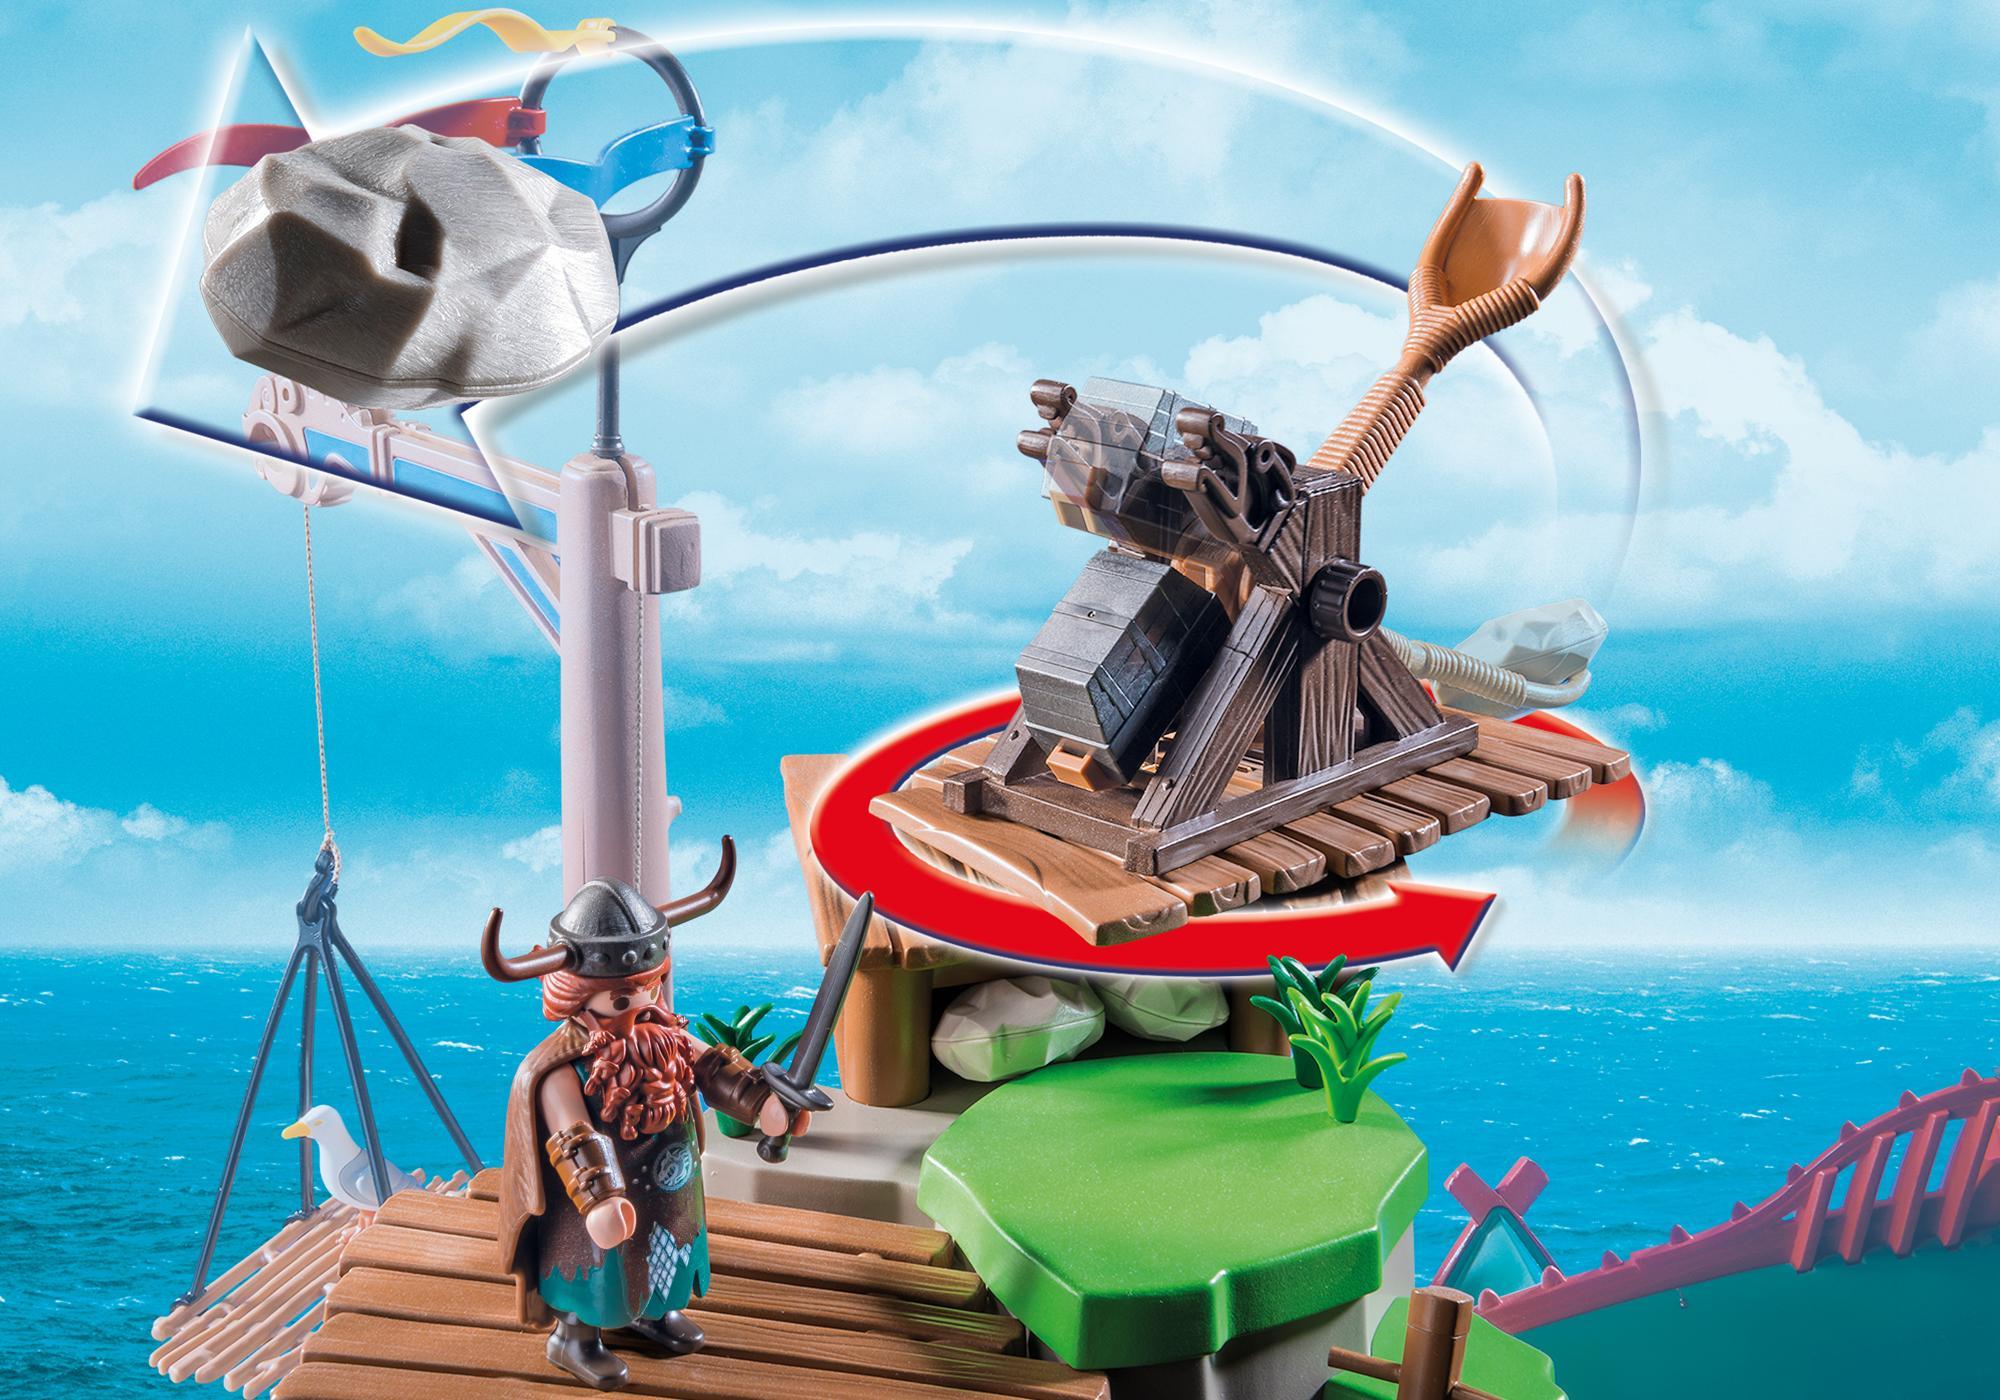 http://media.playmobil.com/i/playmobil/9243_product_extra2/Mema